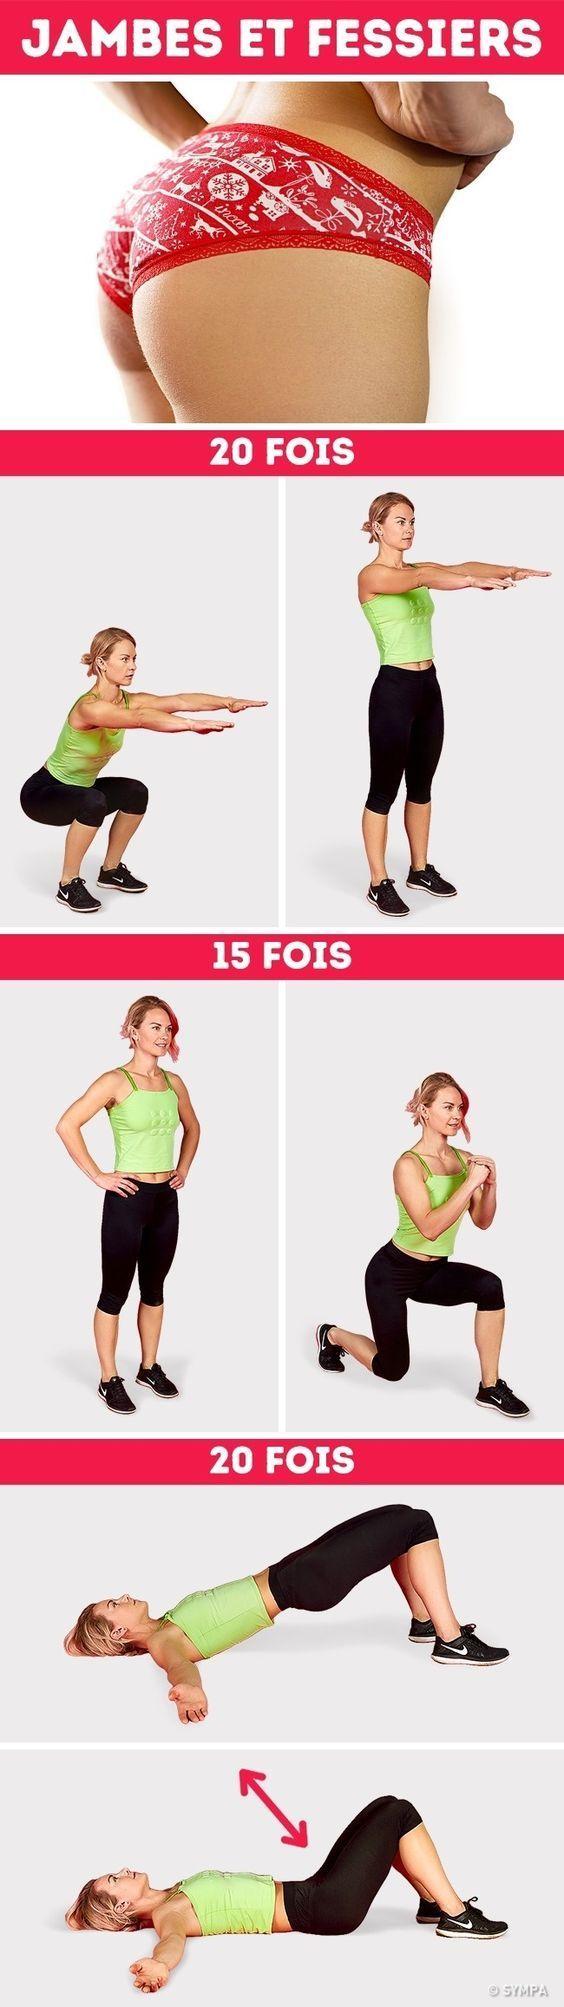 recommencer cette série d'exercices 3 à 4 fois avec 15' sec de récupération entre les différents mouvements. A faire 3 fois par semaine... Bon courage